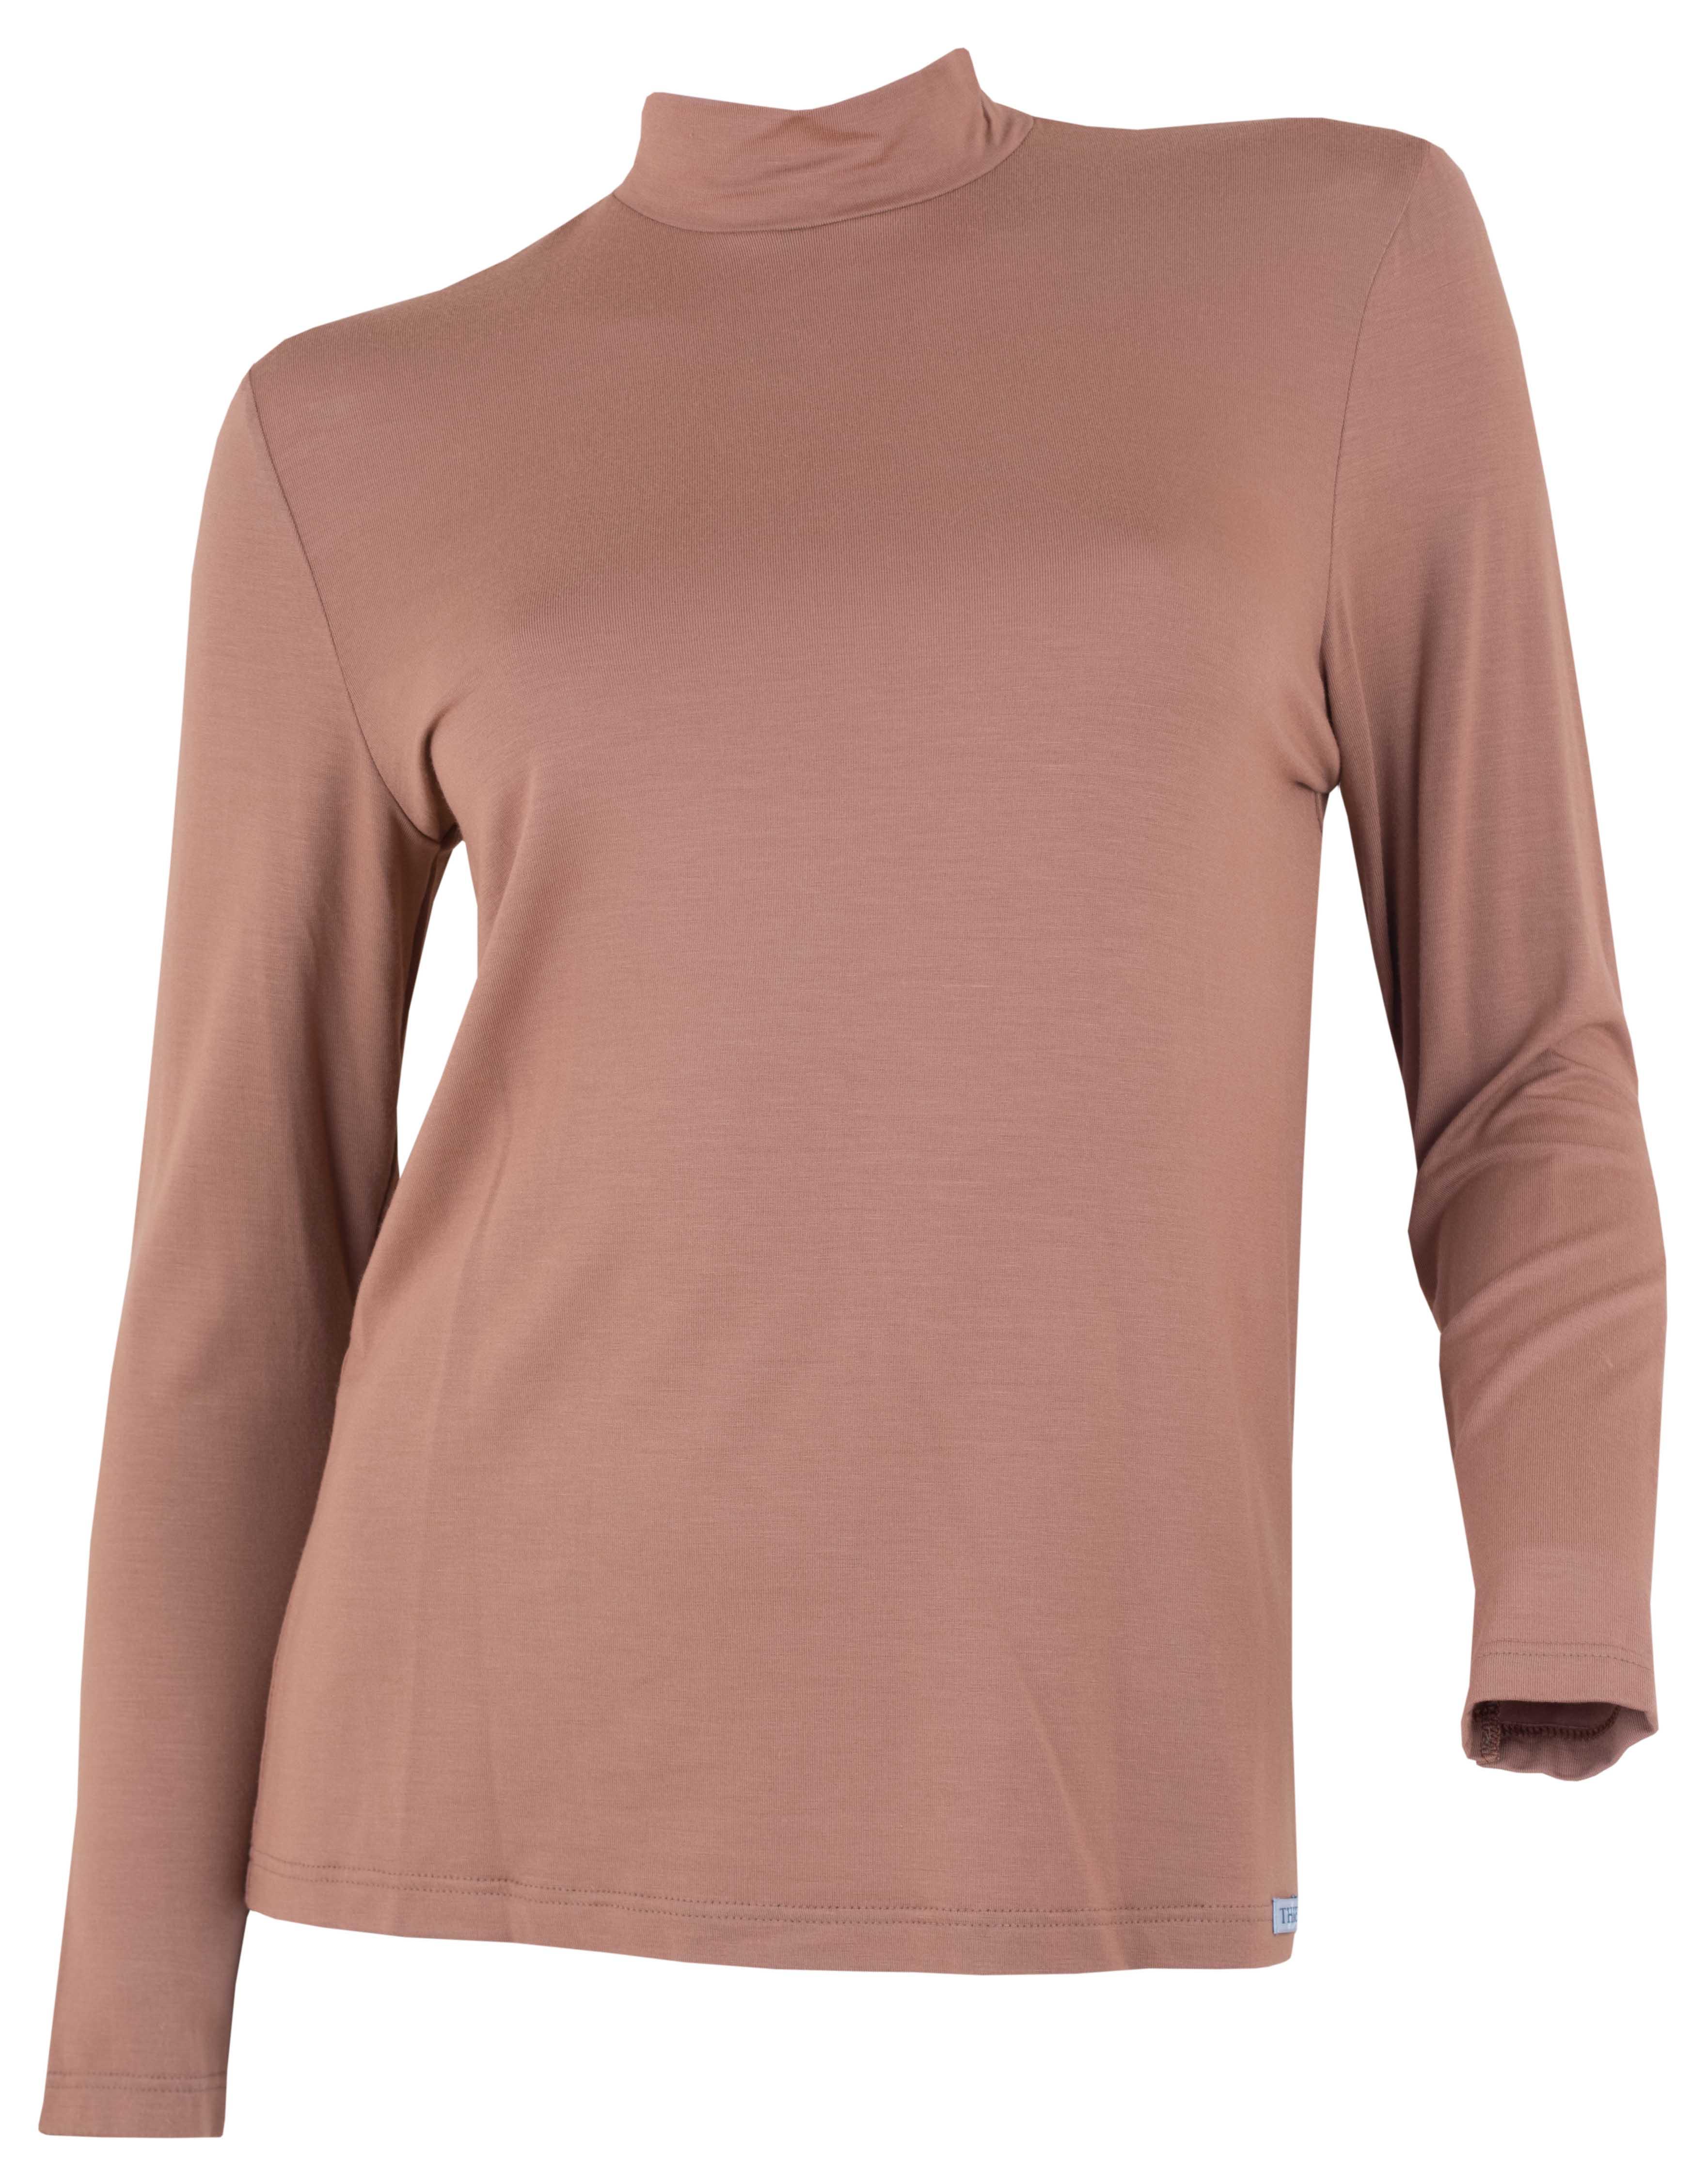 962e7fa9e5edc5 Longshirt